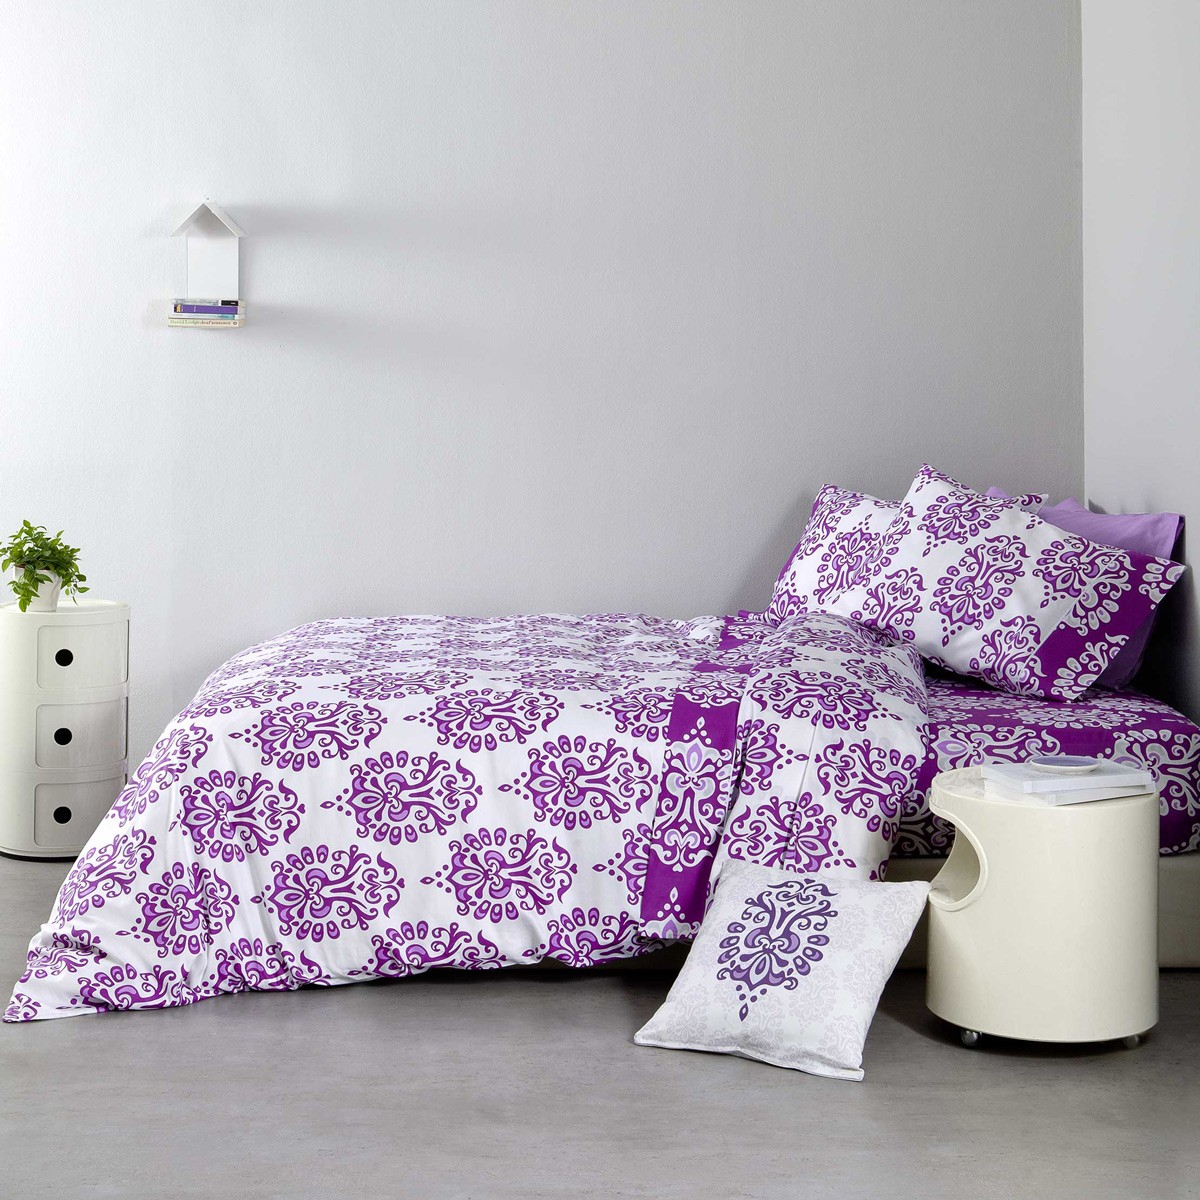 Κουβερλί Υπέρδιπλο Nima Bed Linen Ariadne Purple